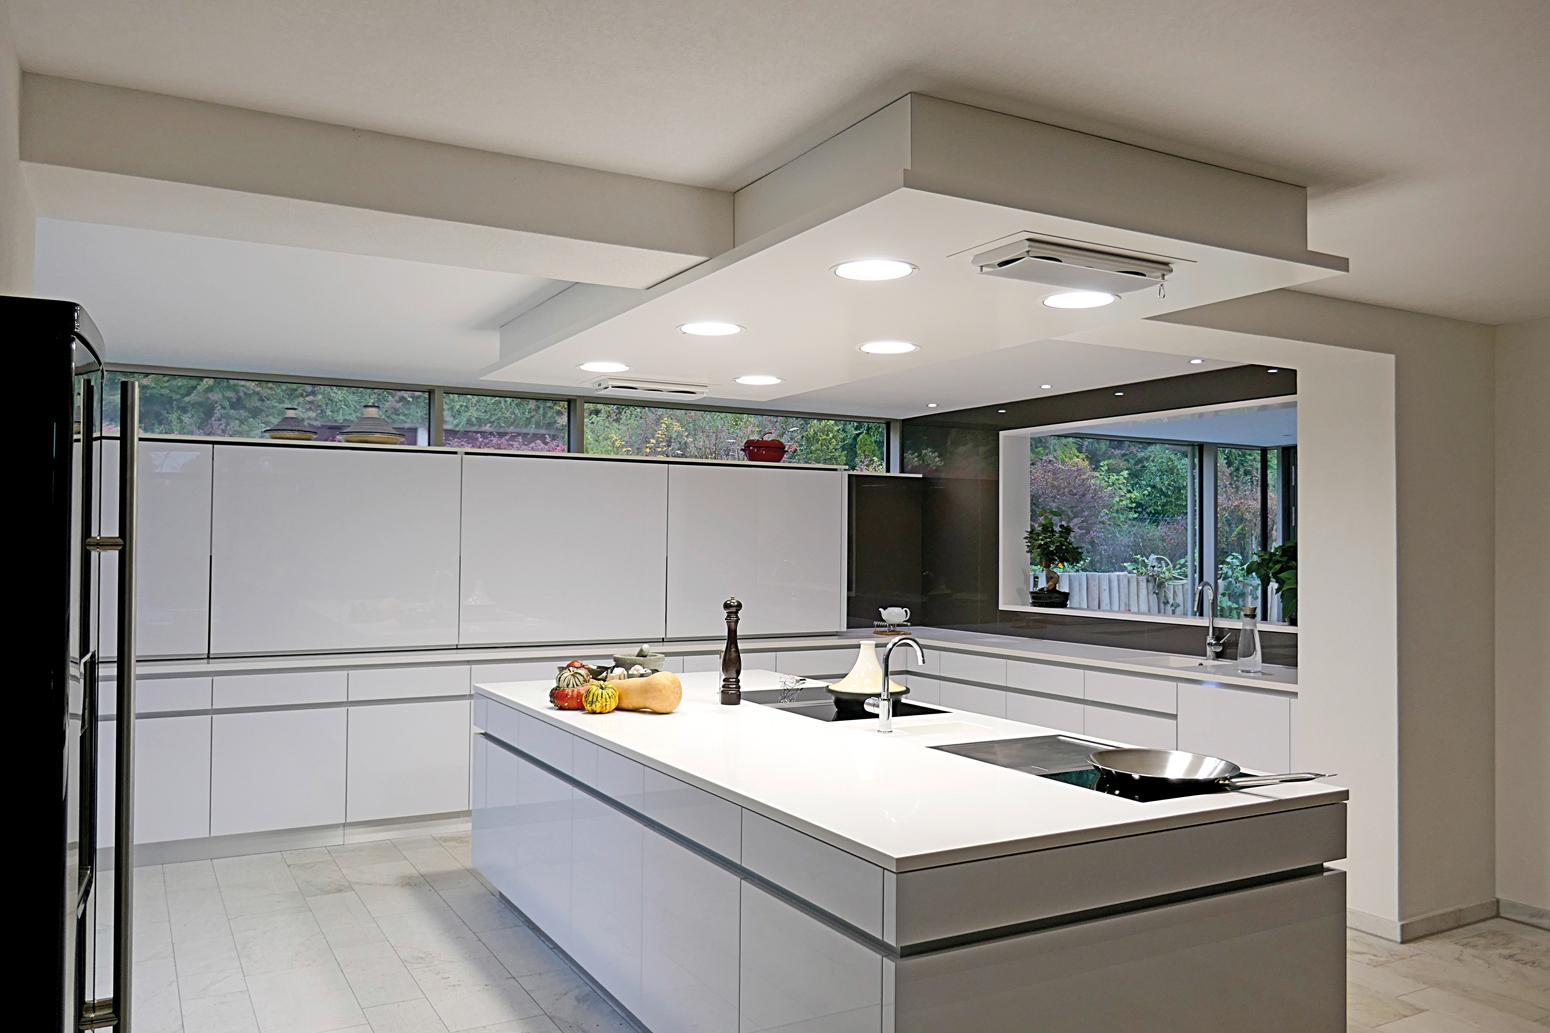 Küchenblock mit Deckensegel einschließlich Licht- und Medieninstallation.